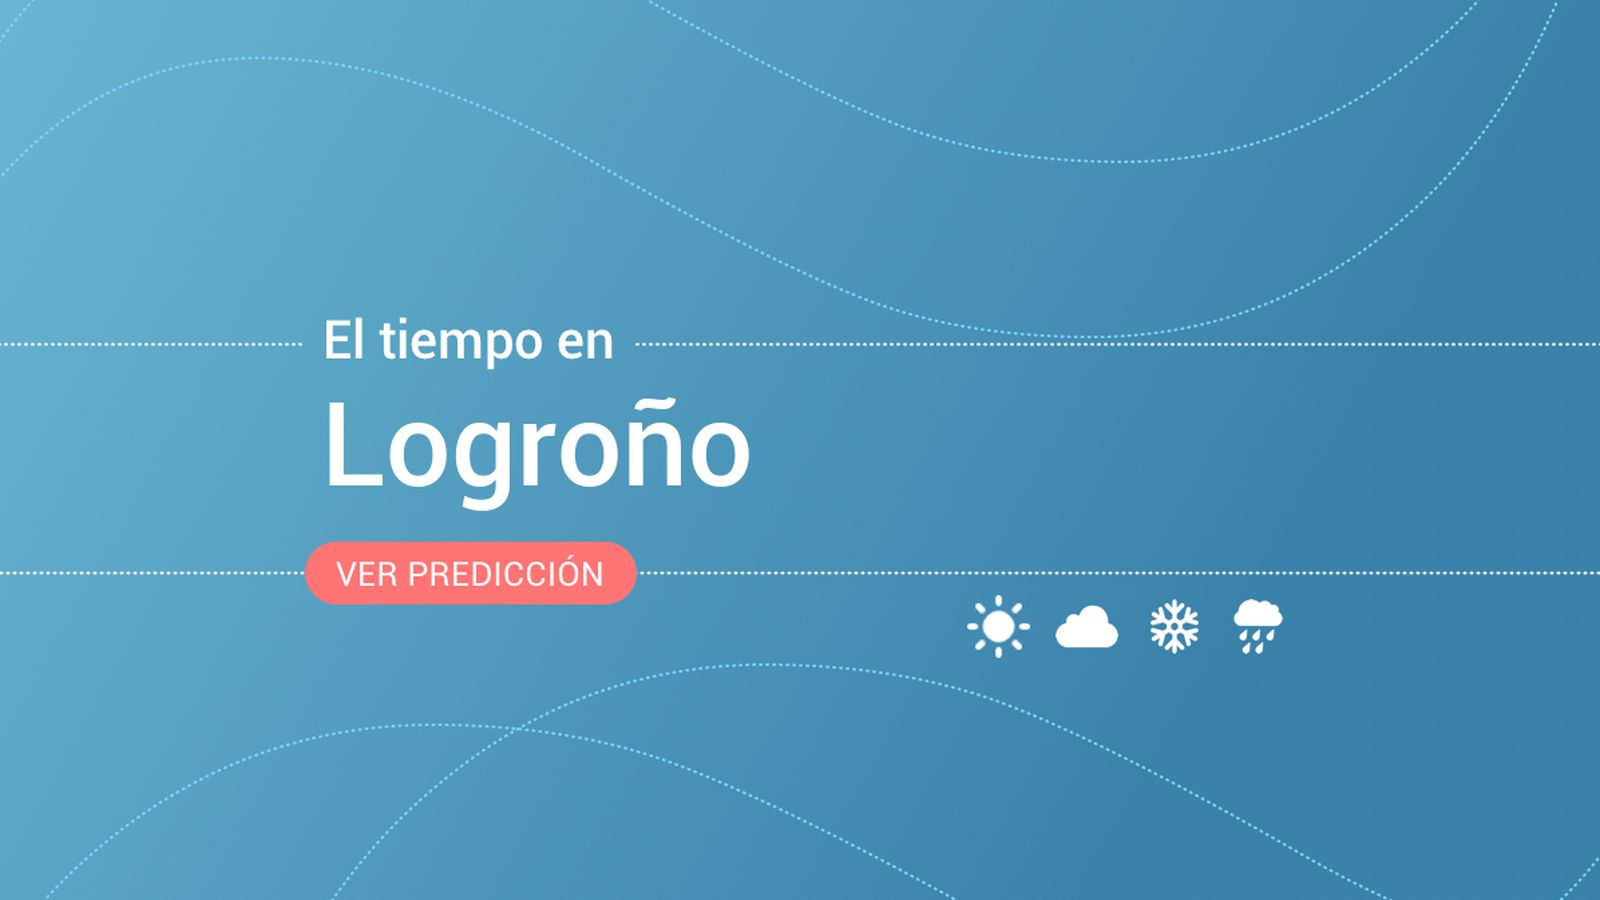 Foto: El tiempo en Logroño. (EC)